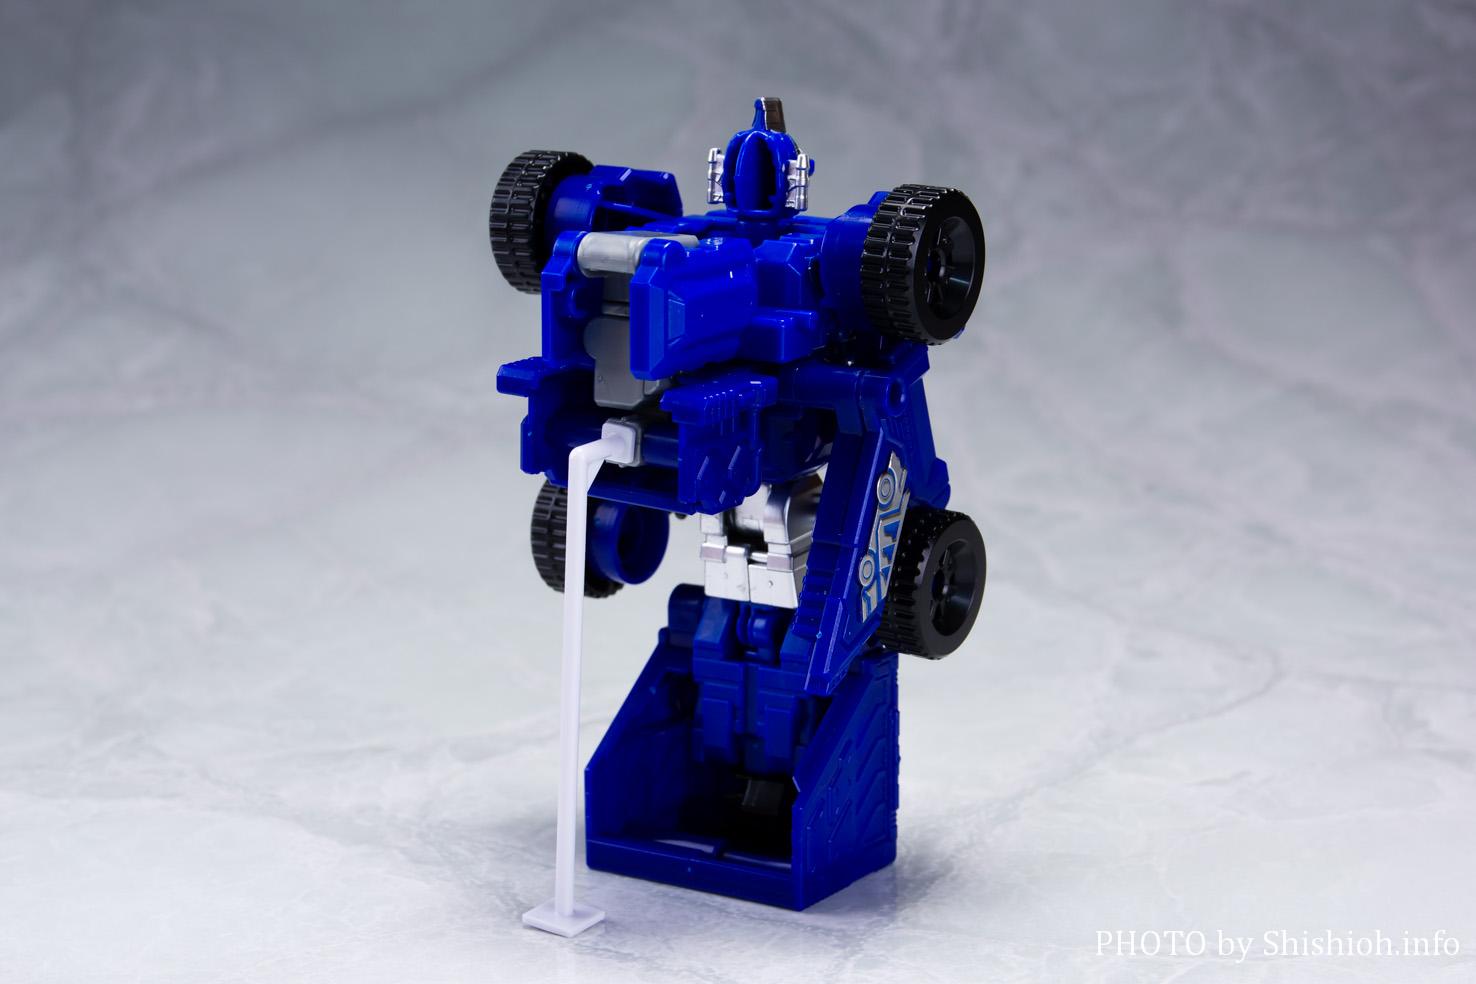 ミニプラ 全界合体シリーズ02 ゼンカイオー ブルマジーン セット(機界モード)